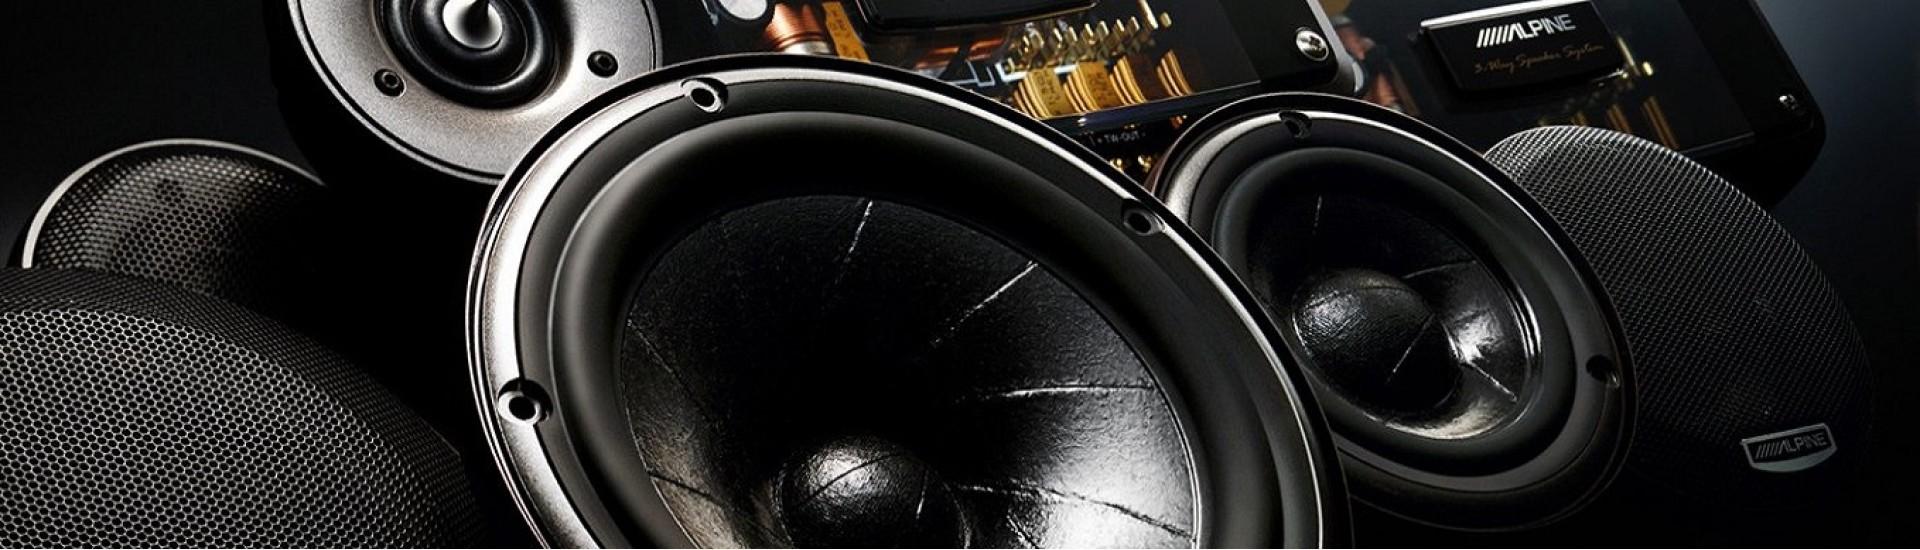 اسپیکر کامپوننت ، component speakers systems